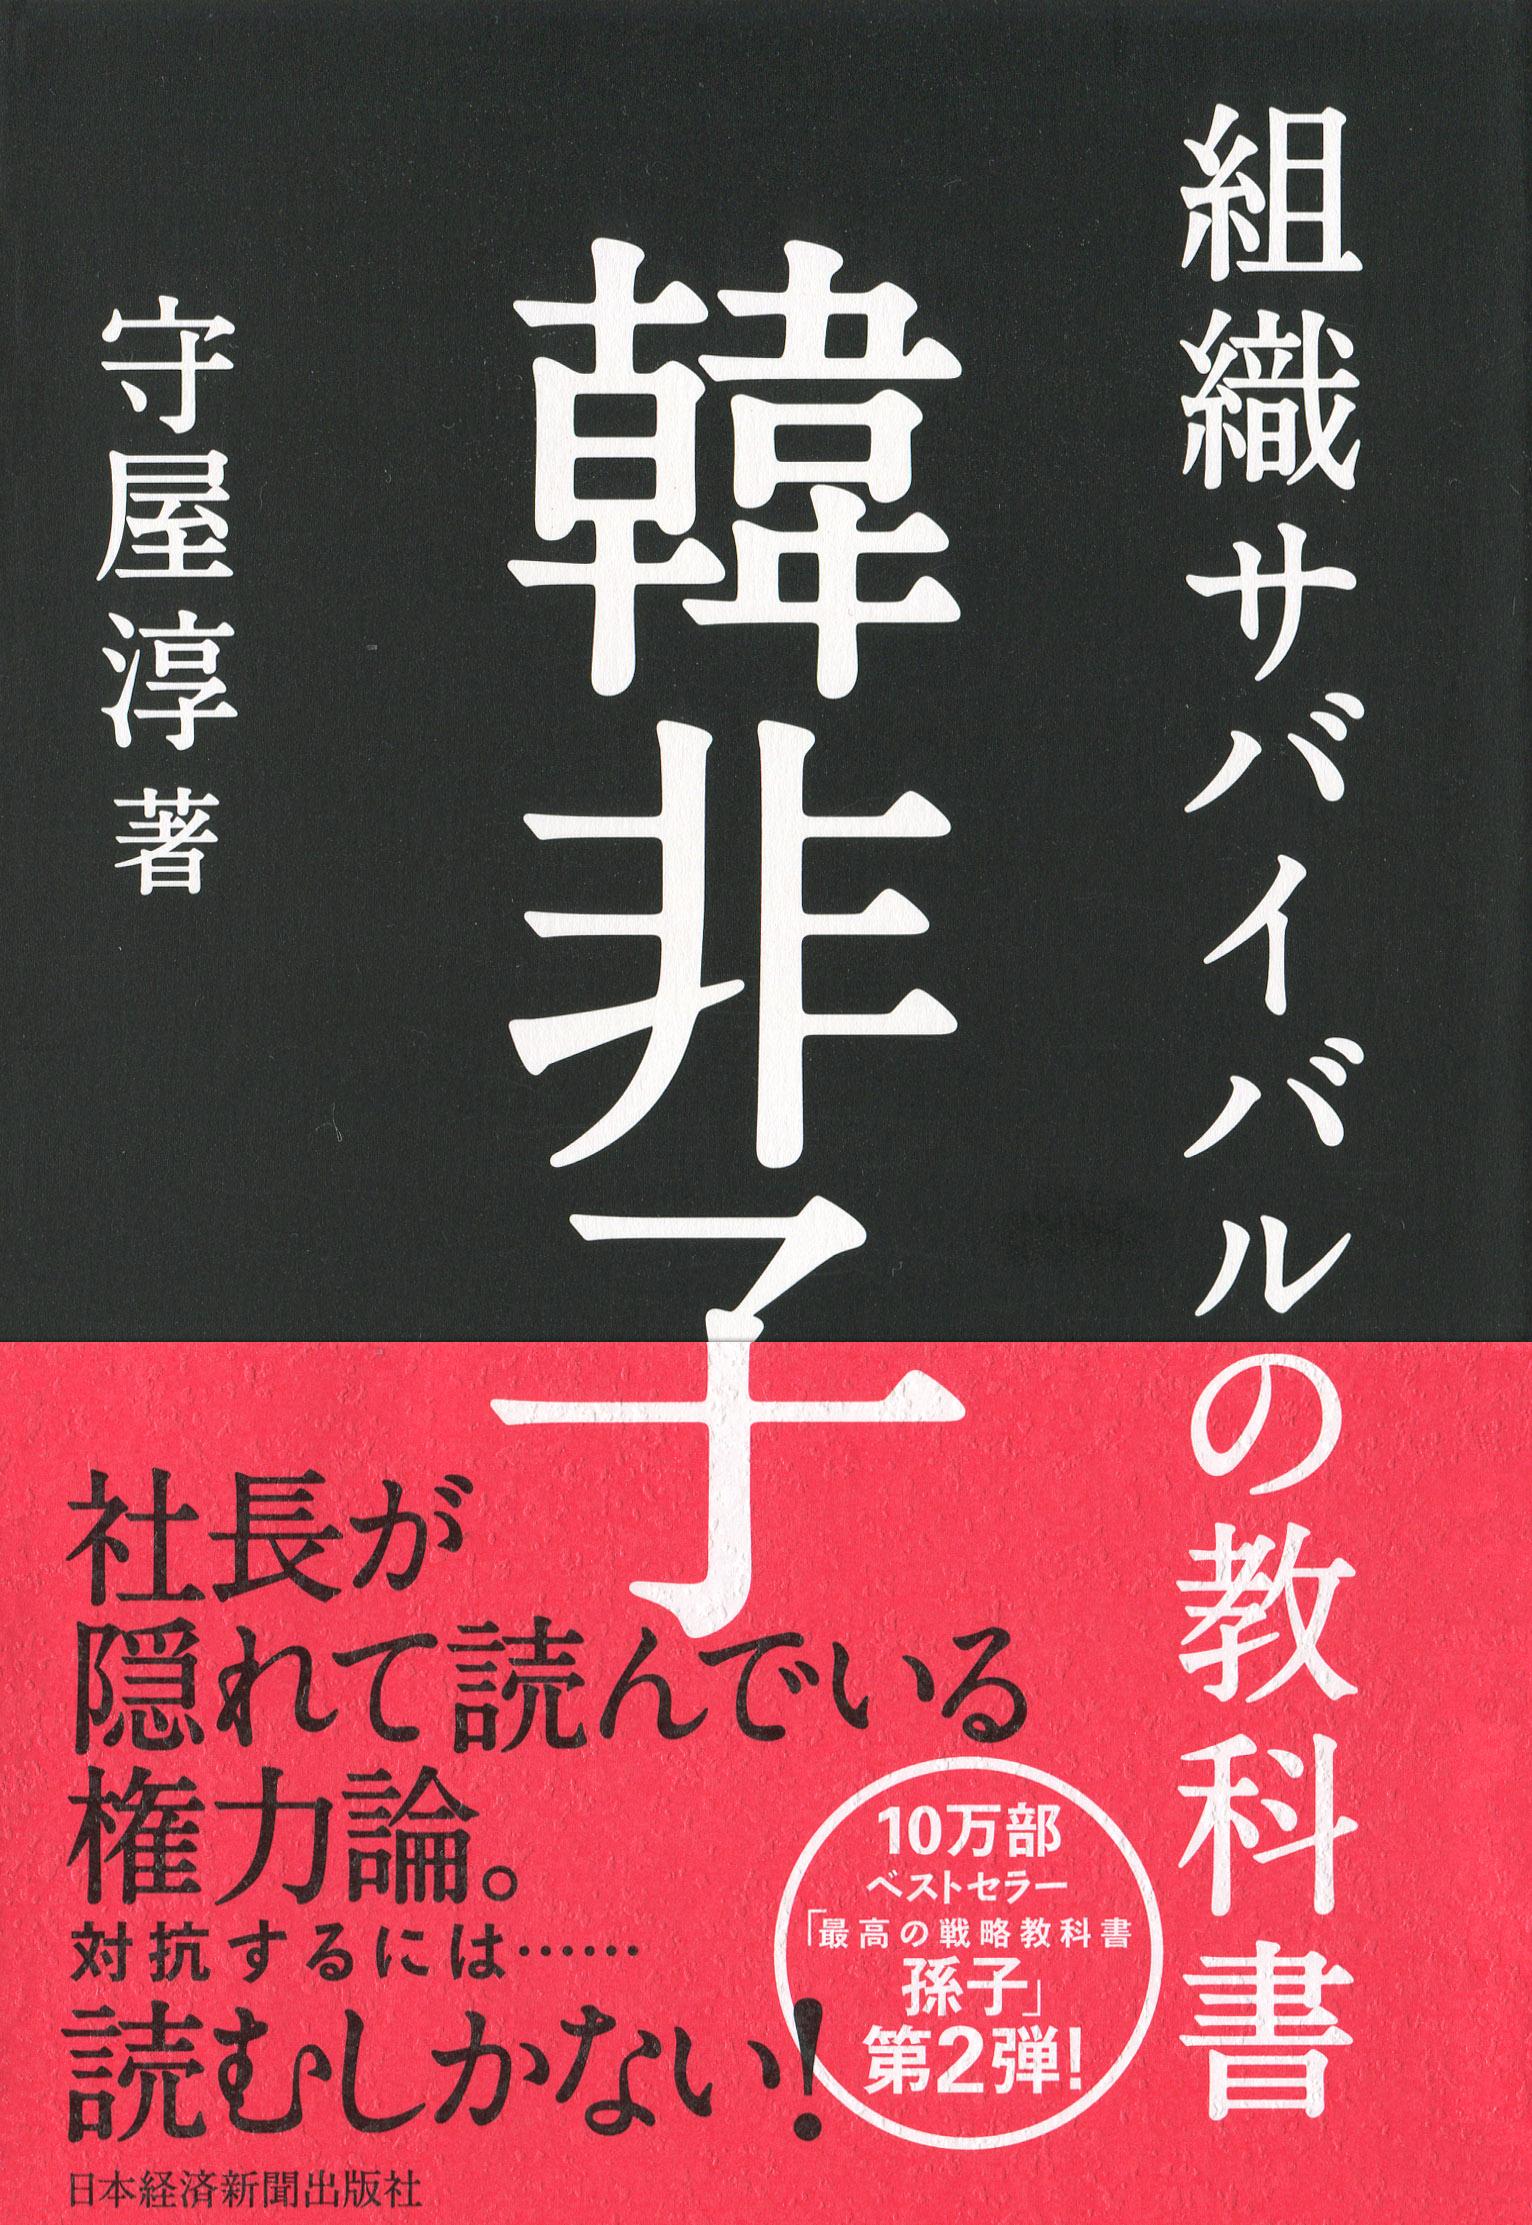 『韓非子』刊行記念トーク&サイン会